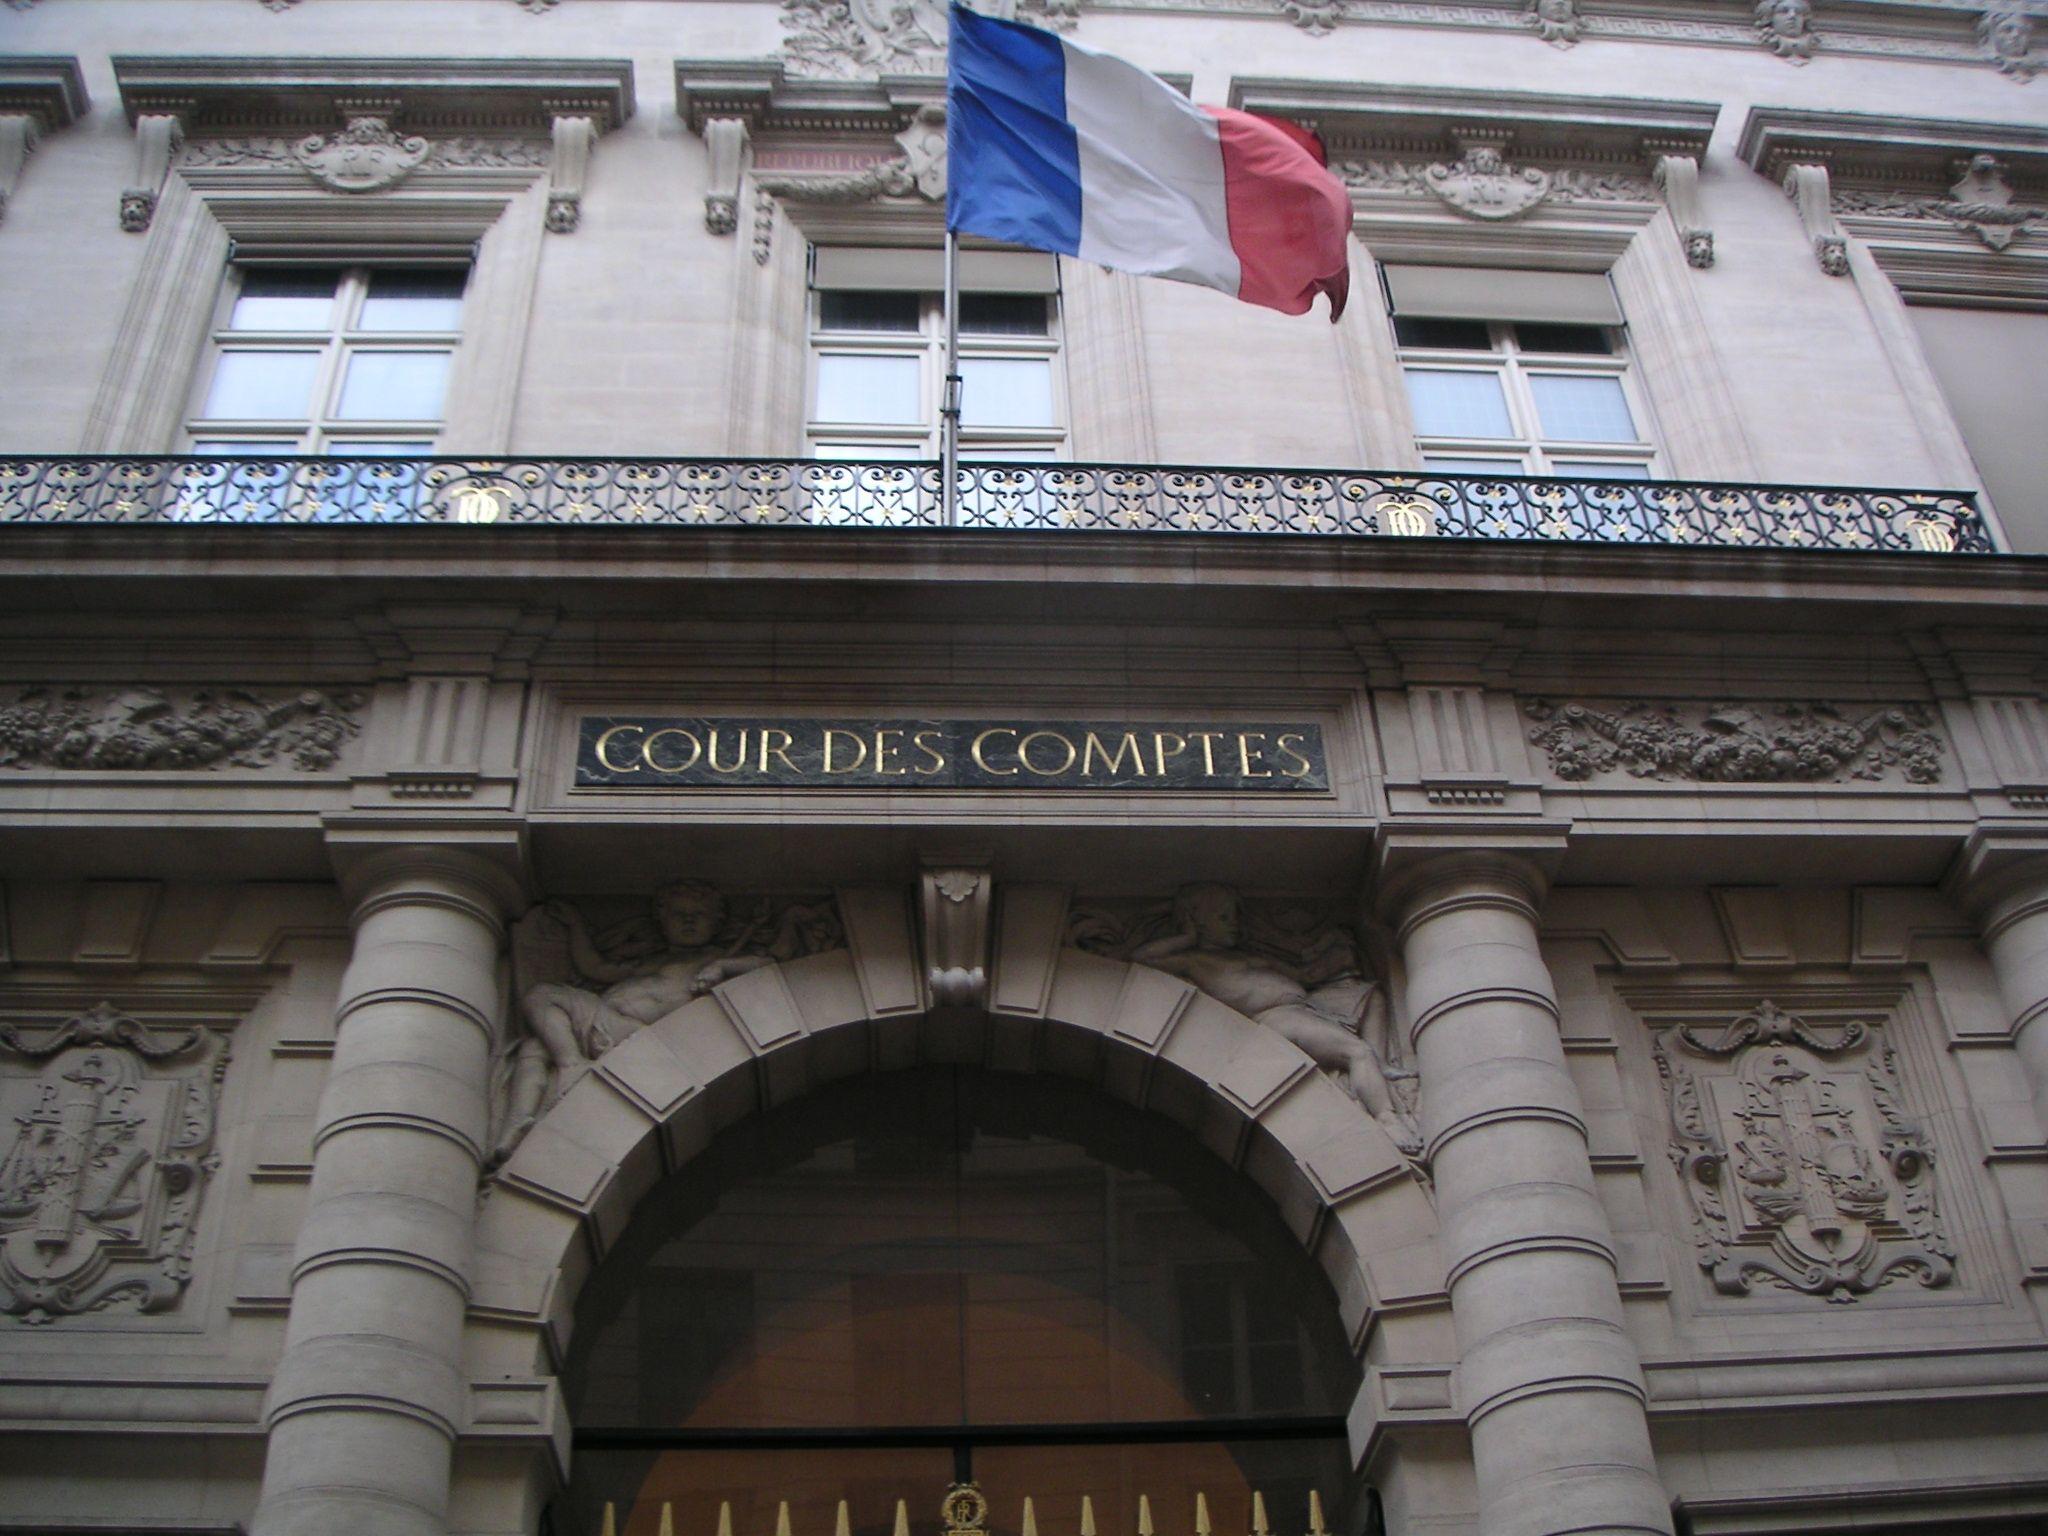 La Cour des comptes doit remettre au Premier ministre Jean-Marc Ayrault un rapport sur les finances publiques de la France.